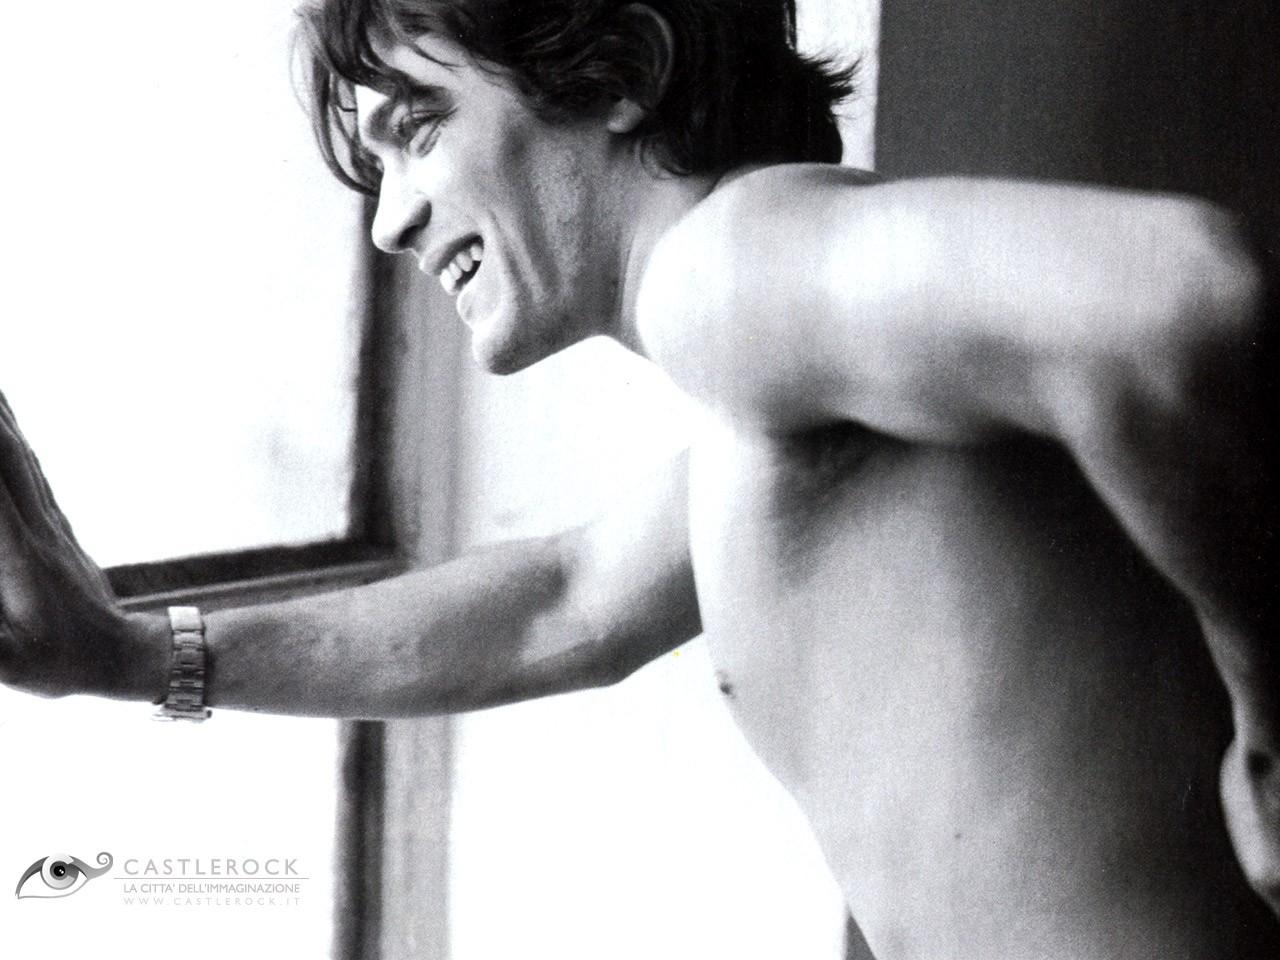 Wallpaper di Riccardo Scamarcio - l'attore pugliese è nato nel 1979